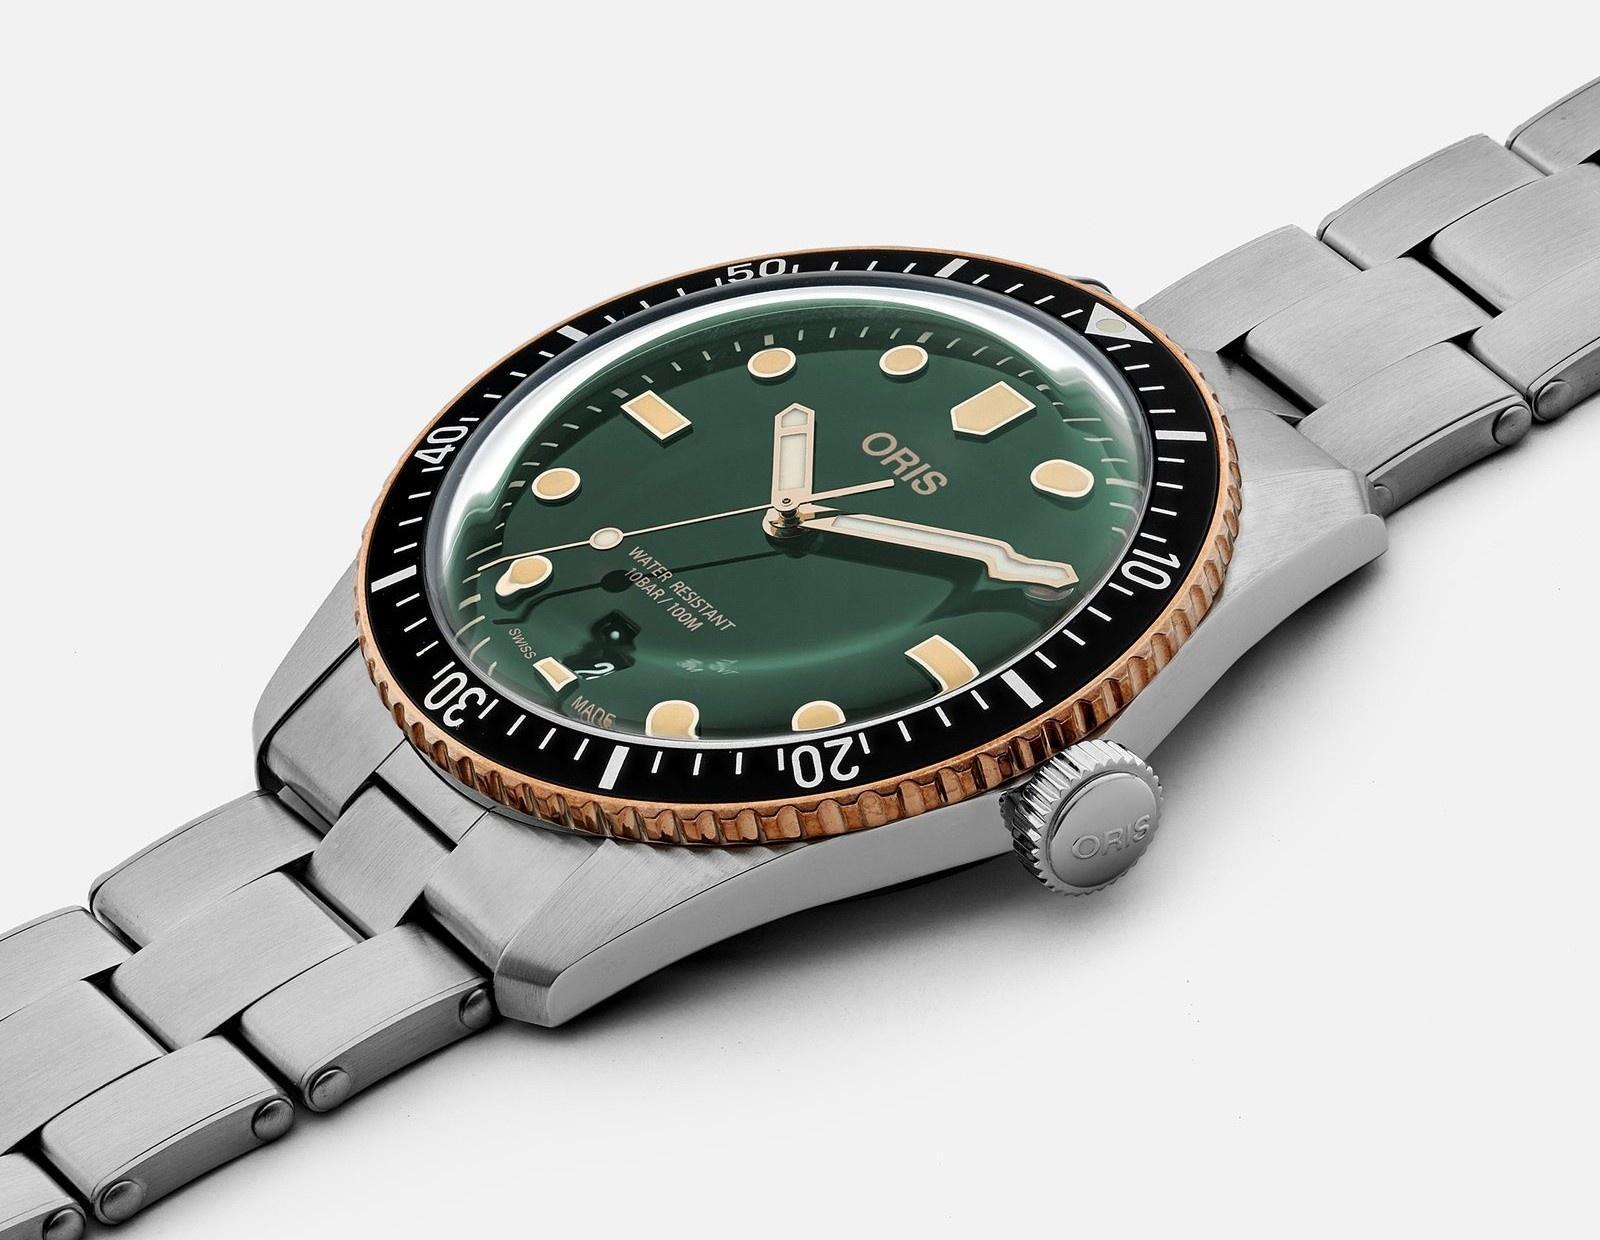 Những mẫu đồng hồ màu xanh độc đáo Ảnh 9